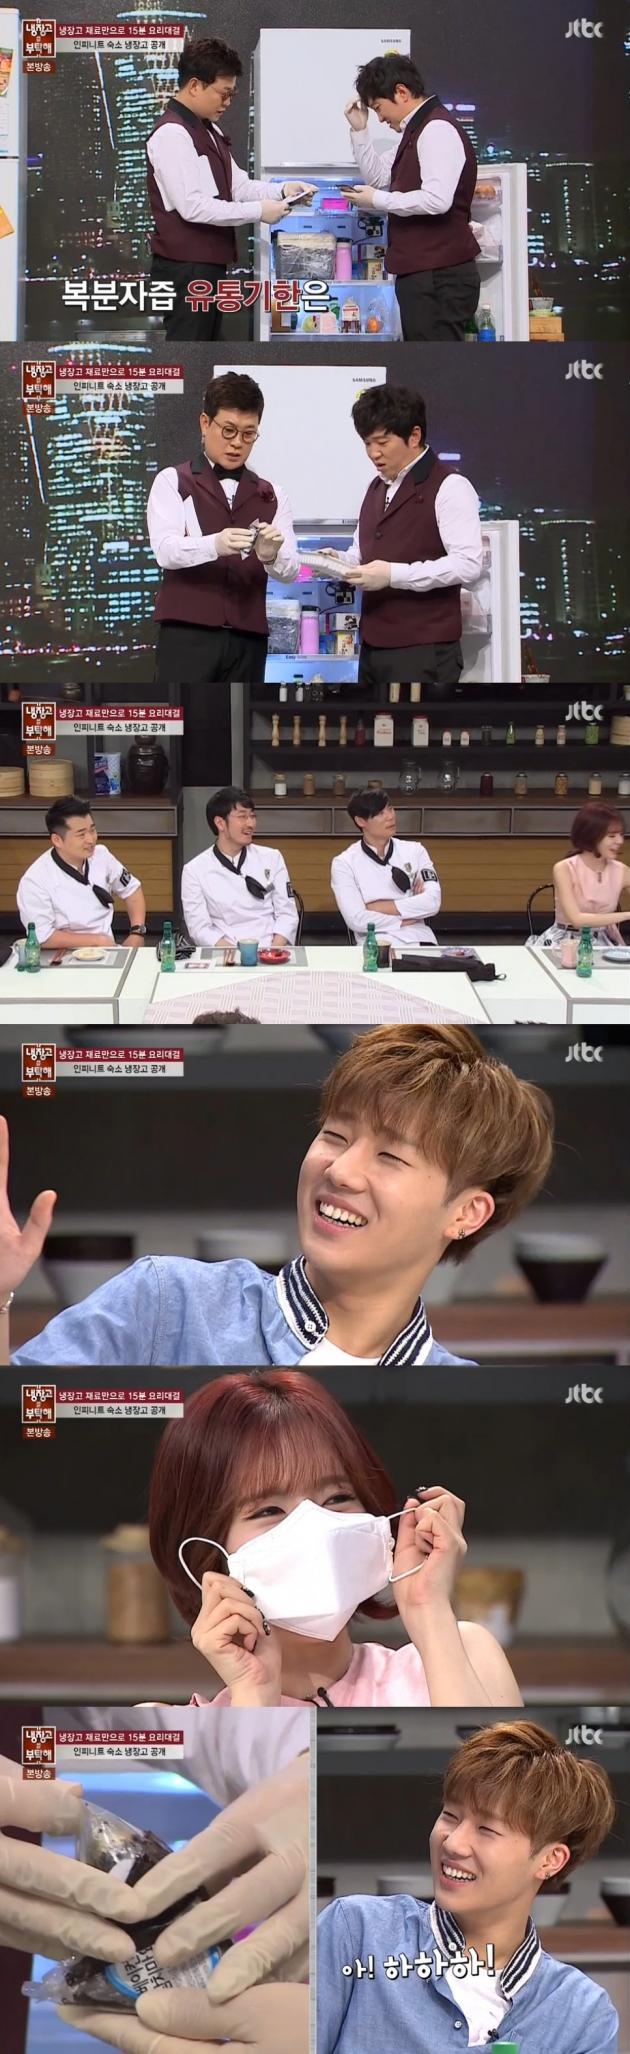 냉장고를 부탁해 성규 / 냉장고를 부탁해 성규 사진=JTBC 방송 캡처